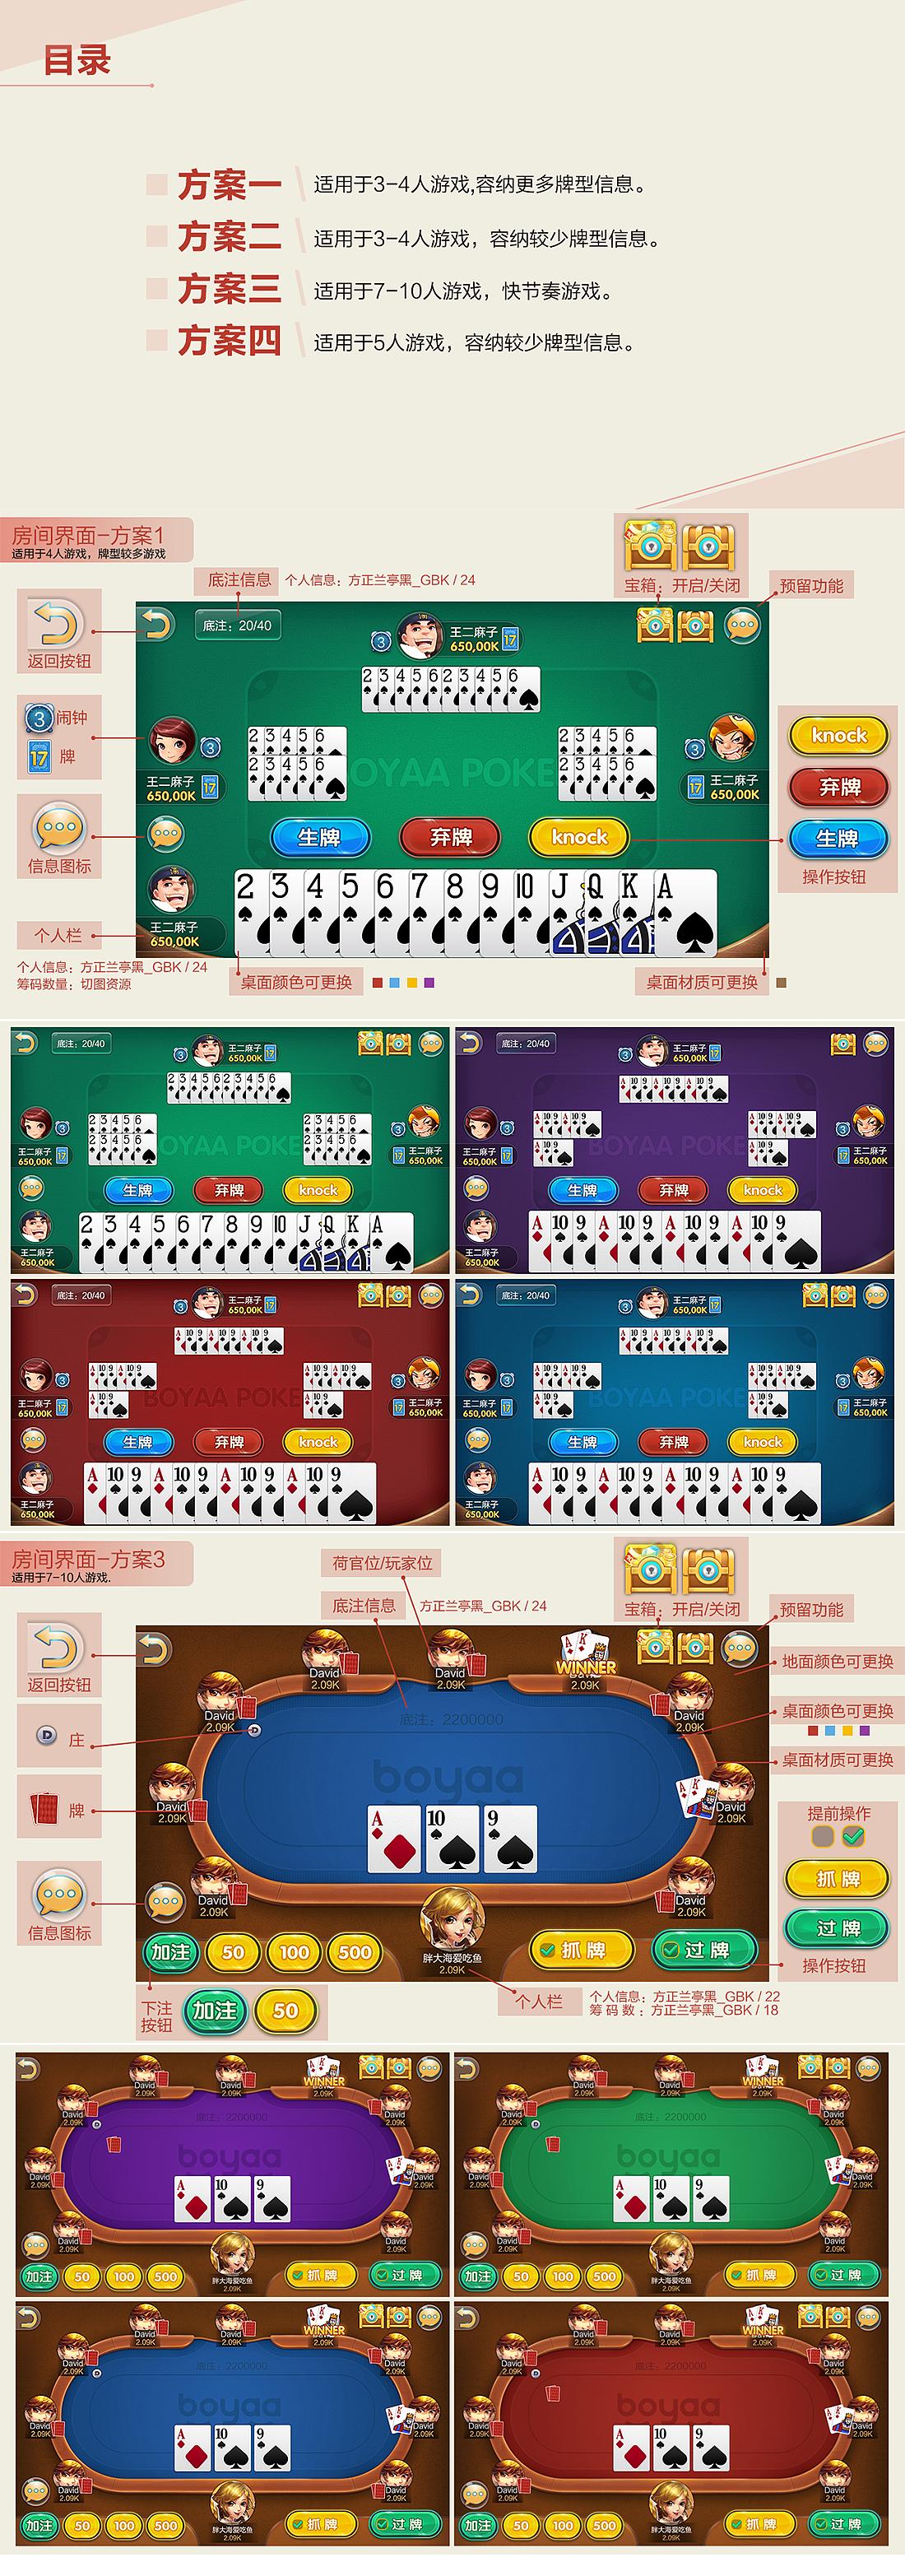 四人斗地主,是QQ游戏的一种扑克游戏。 中文名 四人斗地主 类别扑克游戏 游戏使用两副牌,四个玩家同时游戏,一队为地主,另外三个人为另一队,先出完牌的一队获胜。 .四人斗地主(QQ游戏)_百度百科QQ游戏四人斗地主_百度经验